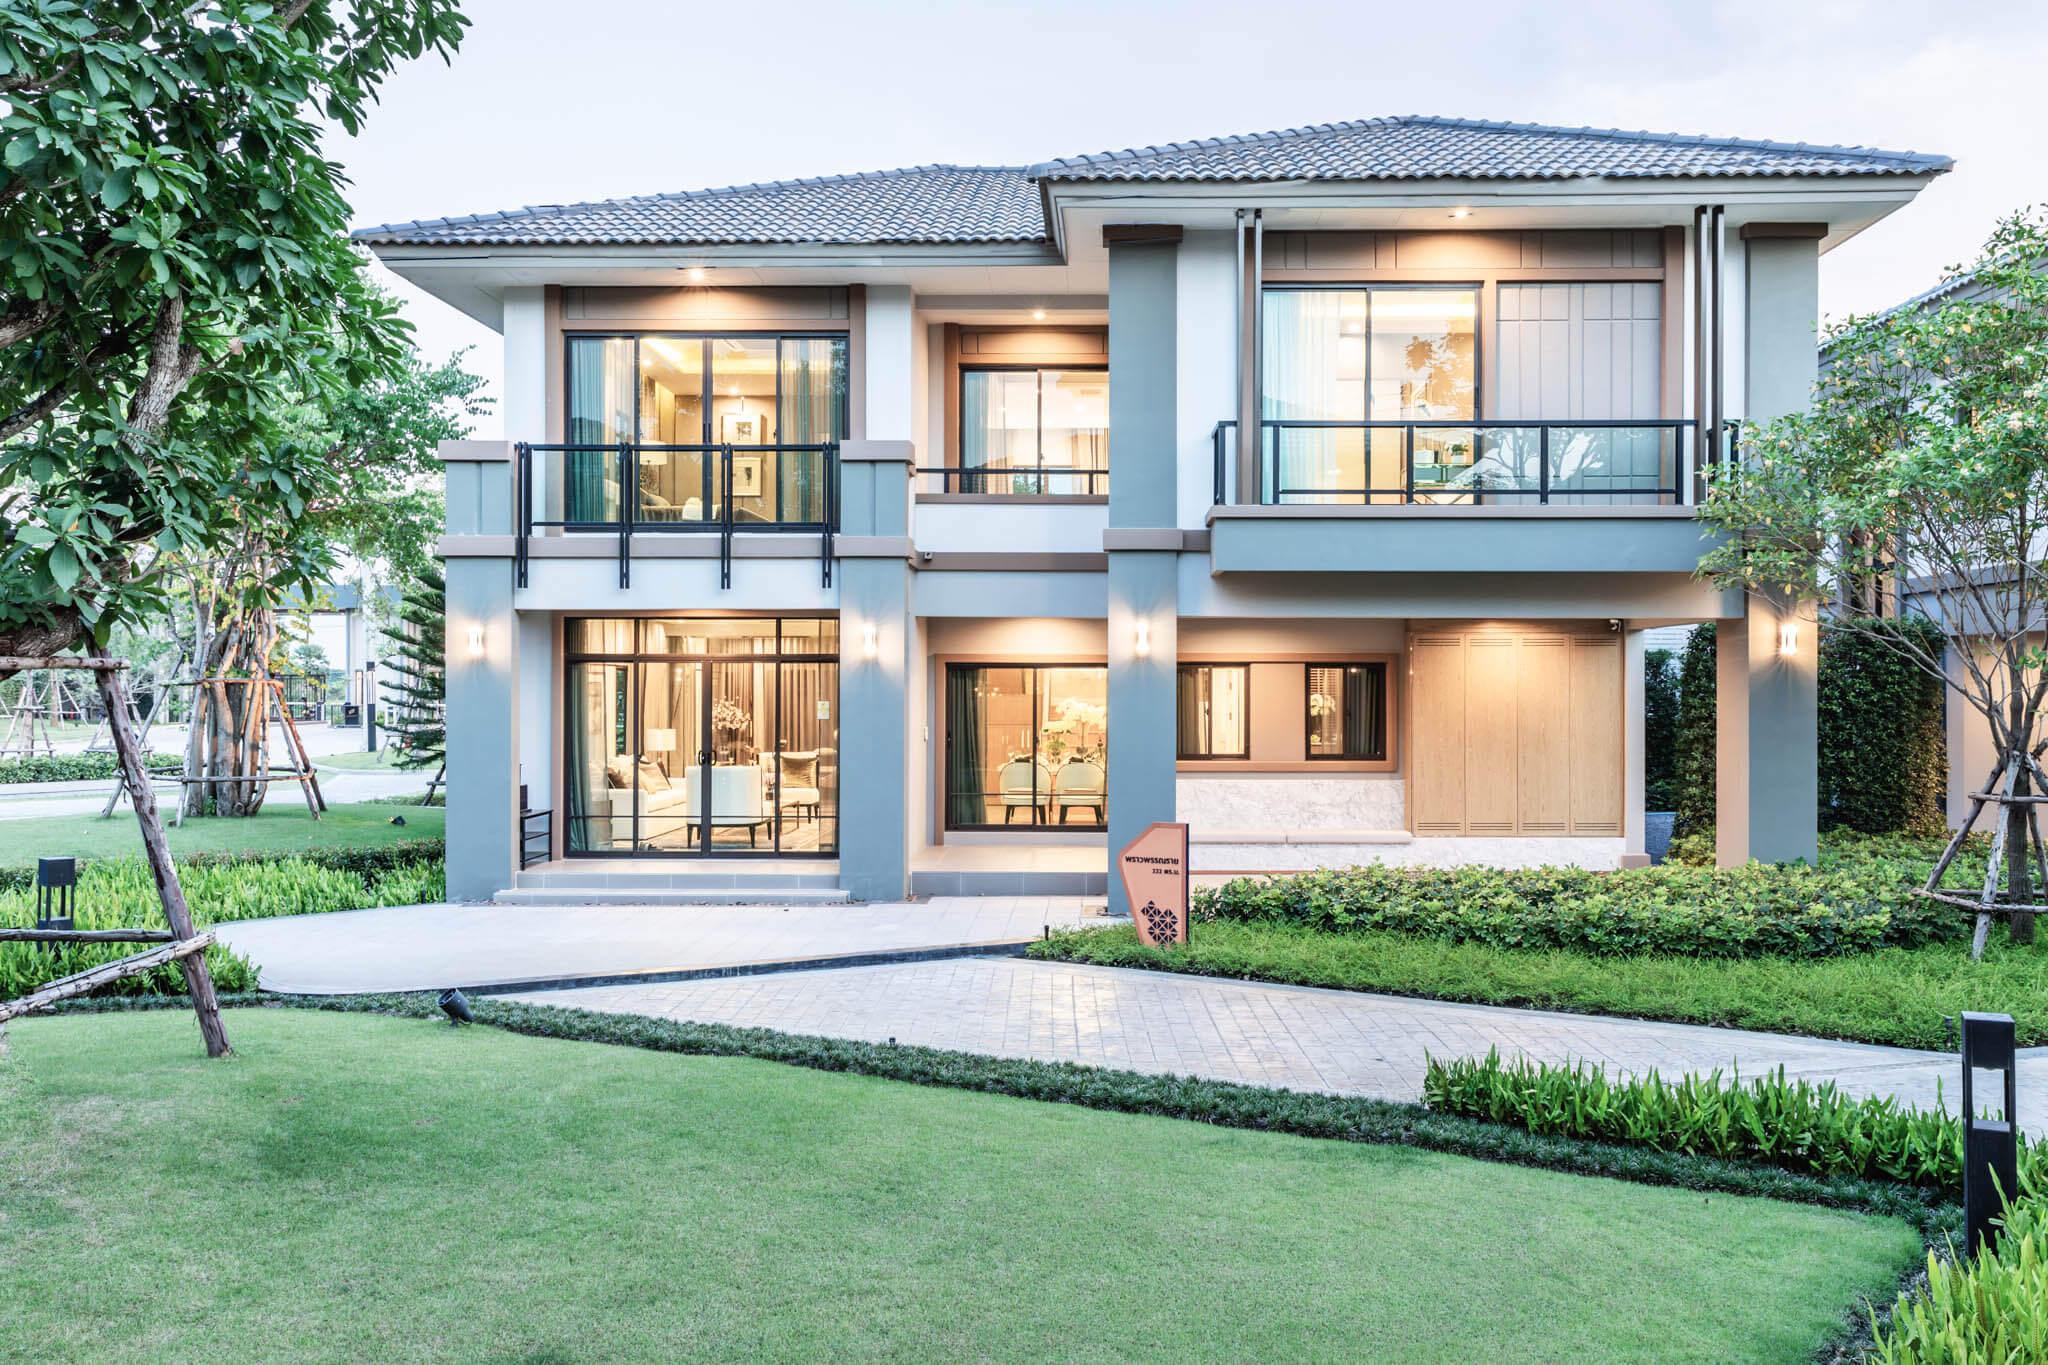 """รู้ก่อนซื้อบ้าน """"ภูมิสถาปัตยกรรม"""" สำคัญกับชีวิตอย่างไร? สัมภาษณ์ภูมิสถาปนิก RAFA 37 - Architect"""